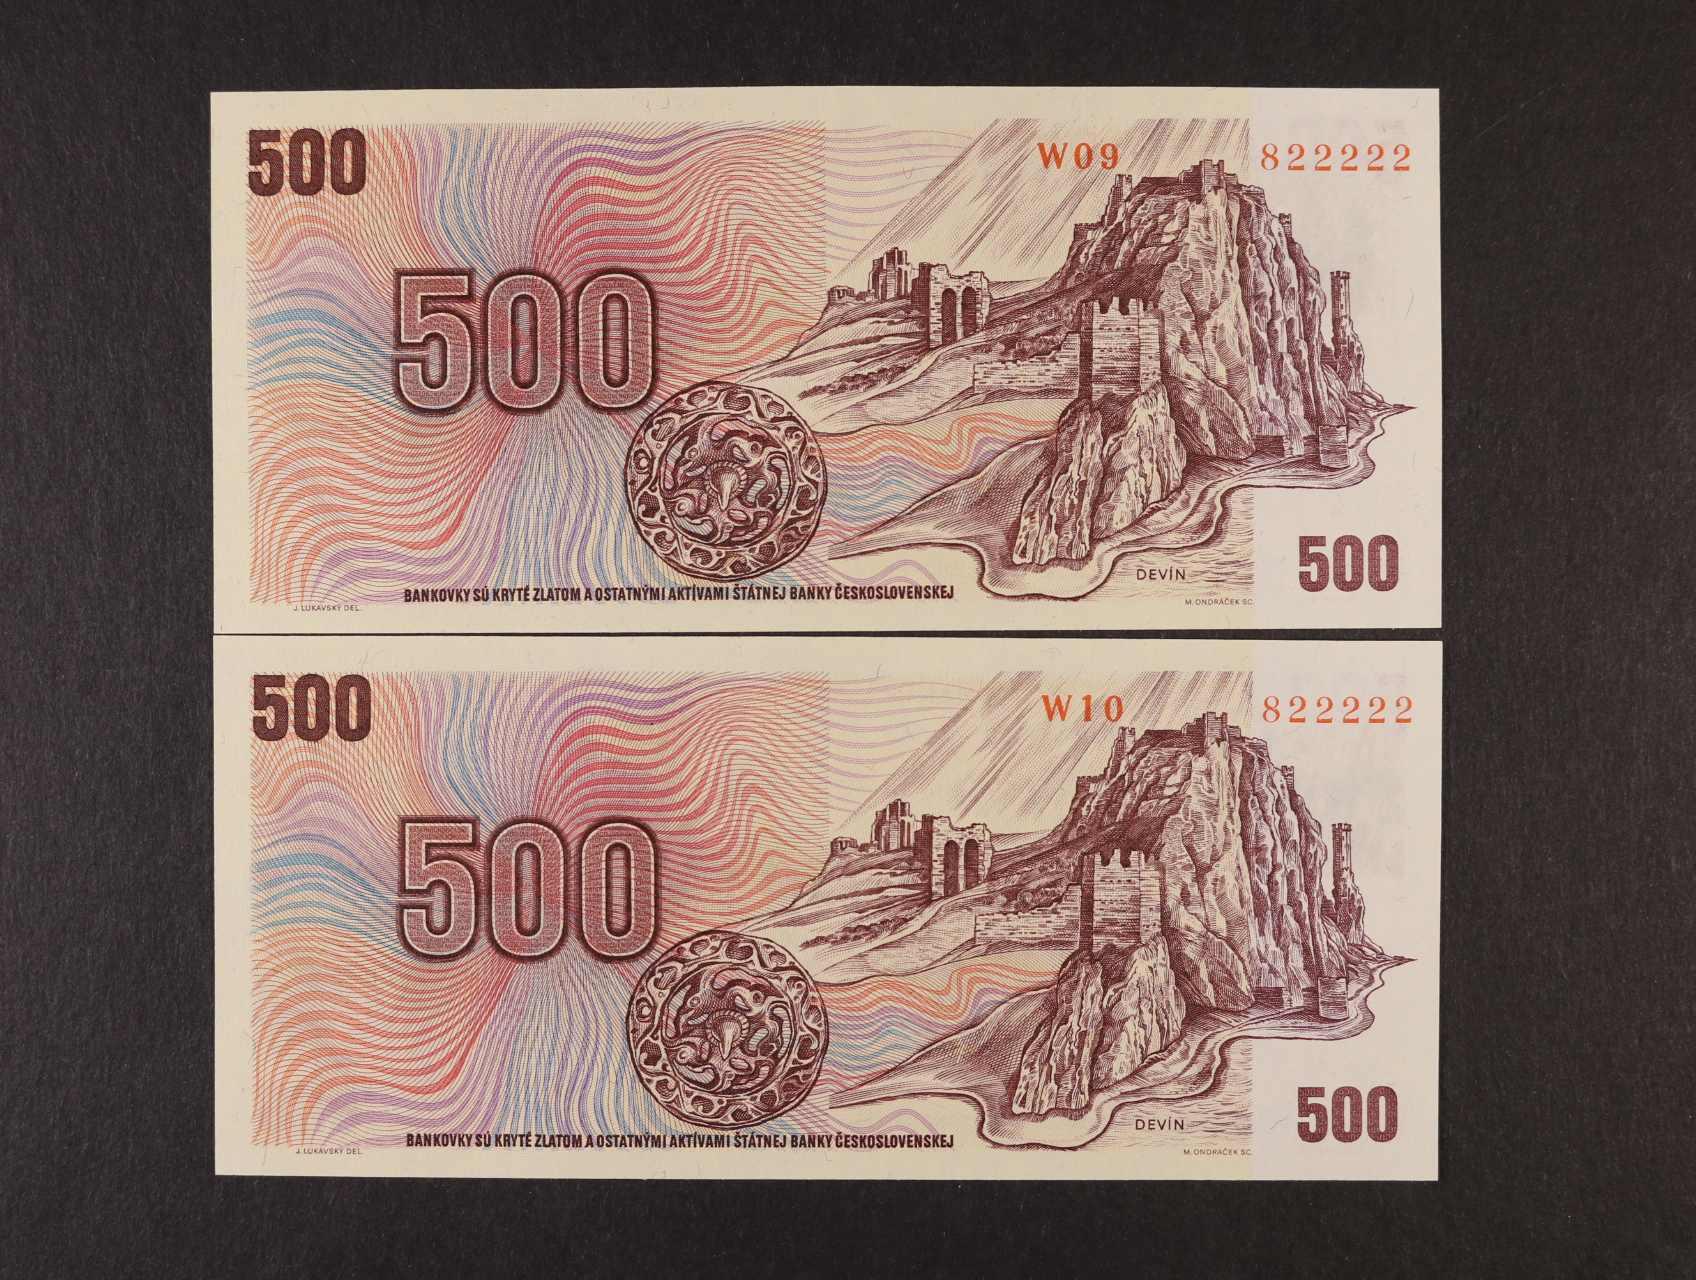 500 Kčs/Kč 1973/93 série W 09 a W 10 kolkované se stejným číslem 822222, Ba. CZ 2